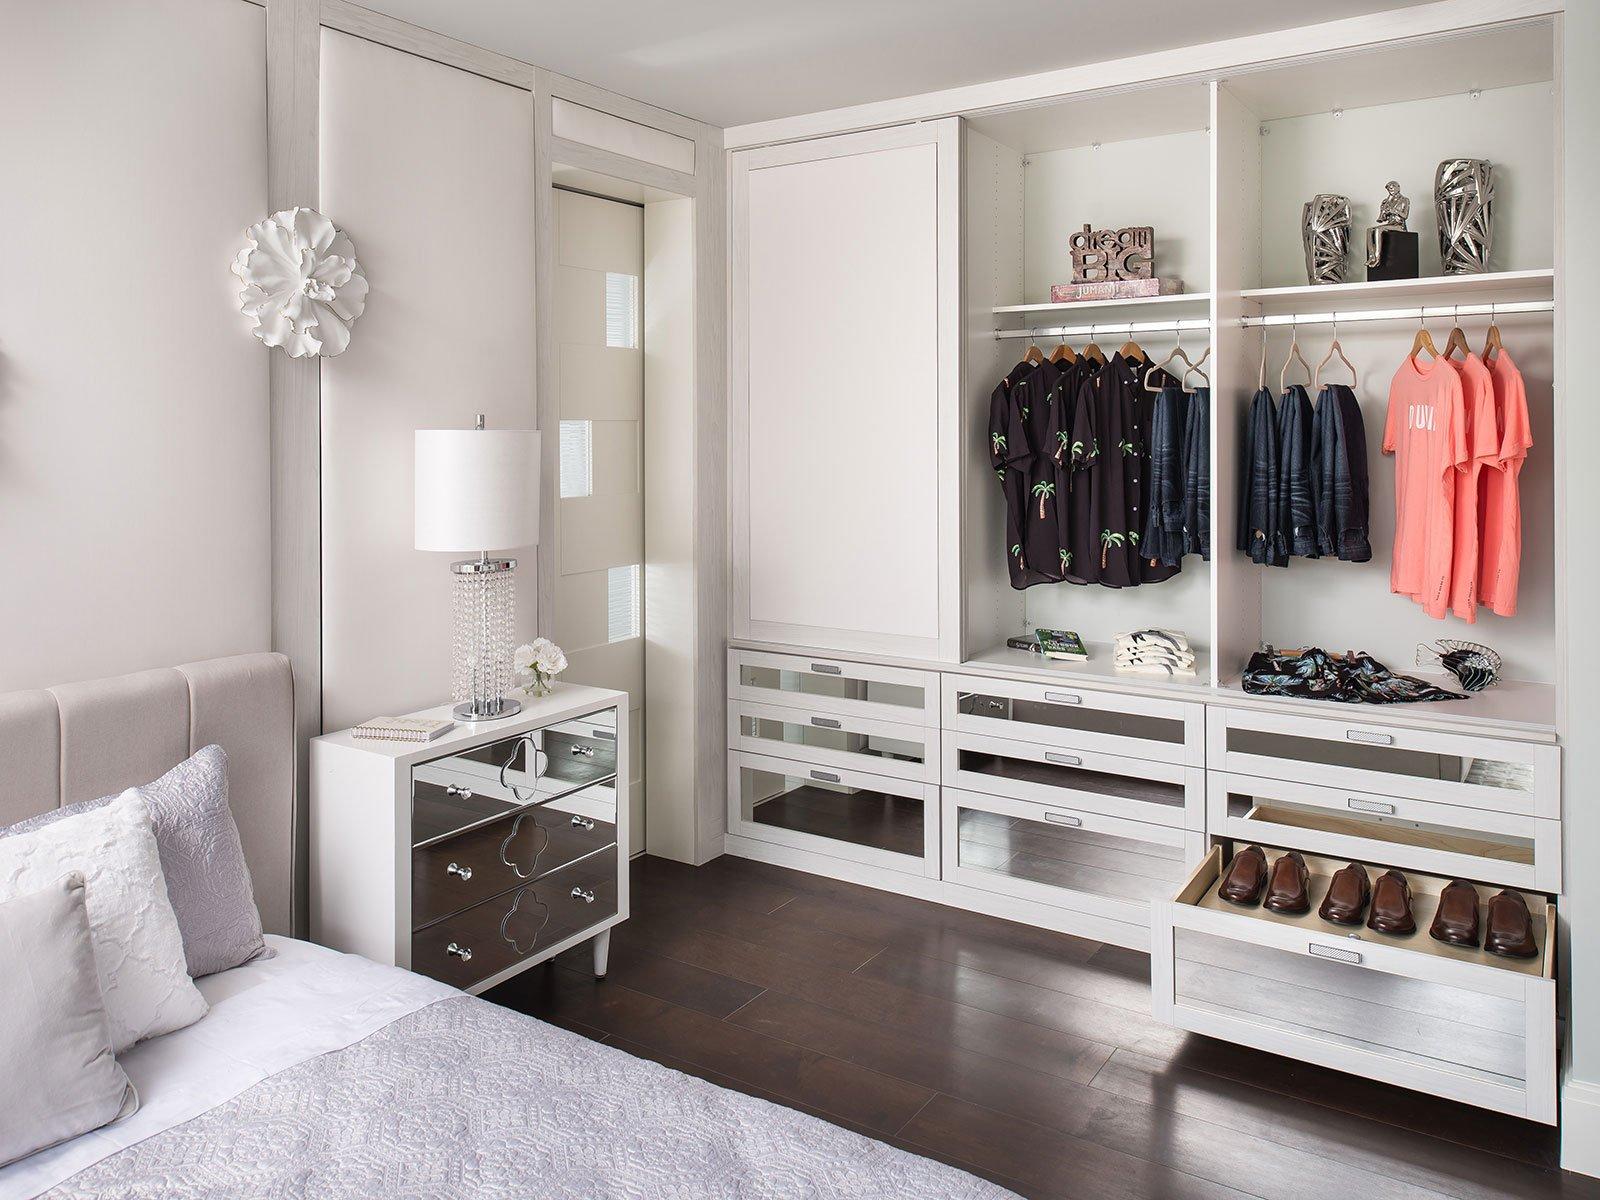 Welche Tiefe des Kleiderschranks ist am besten?